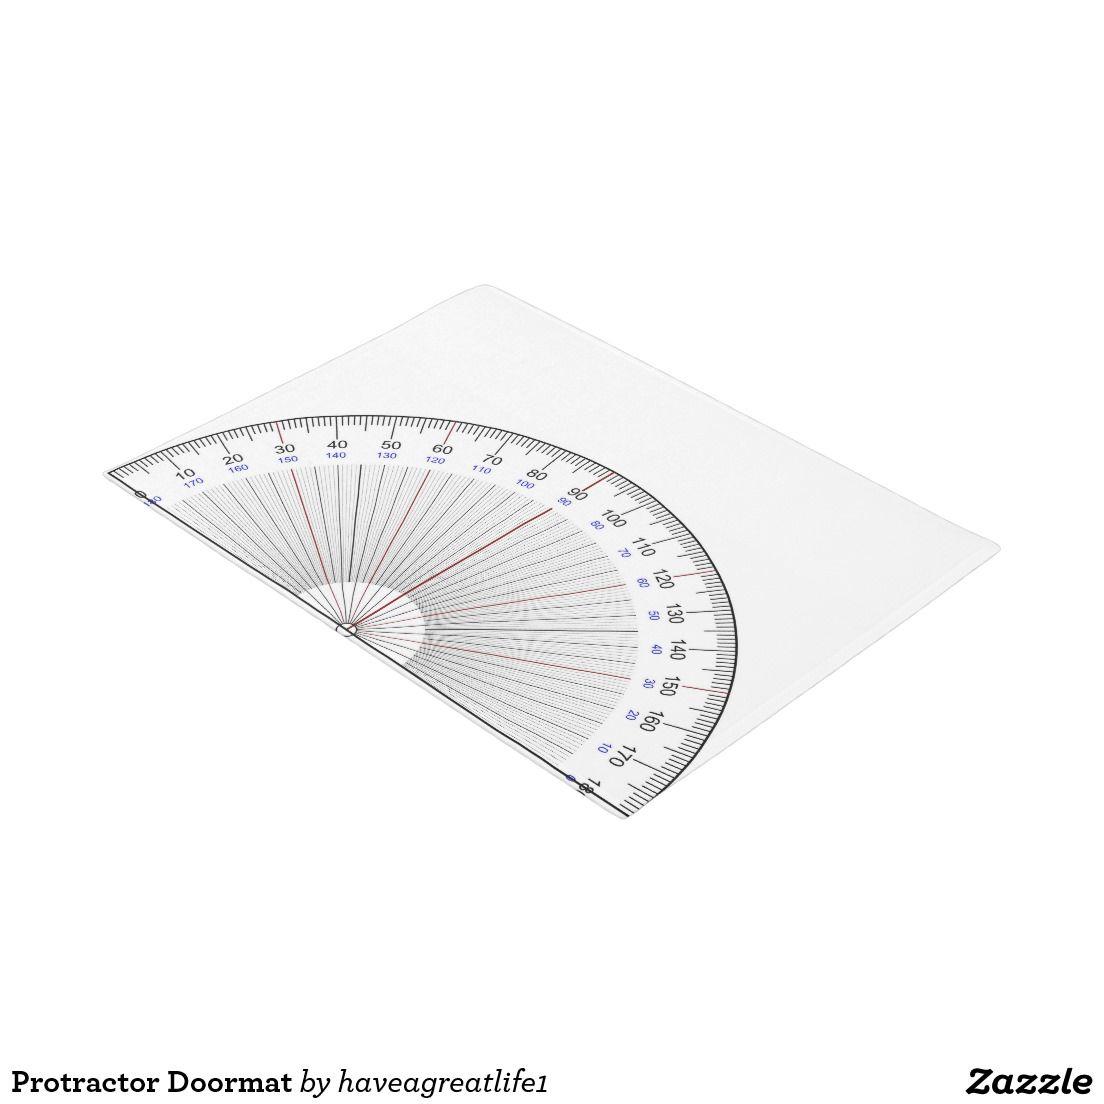 Protractor Doormat